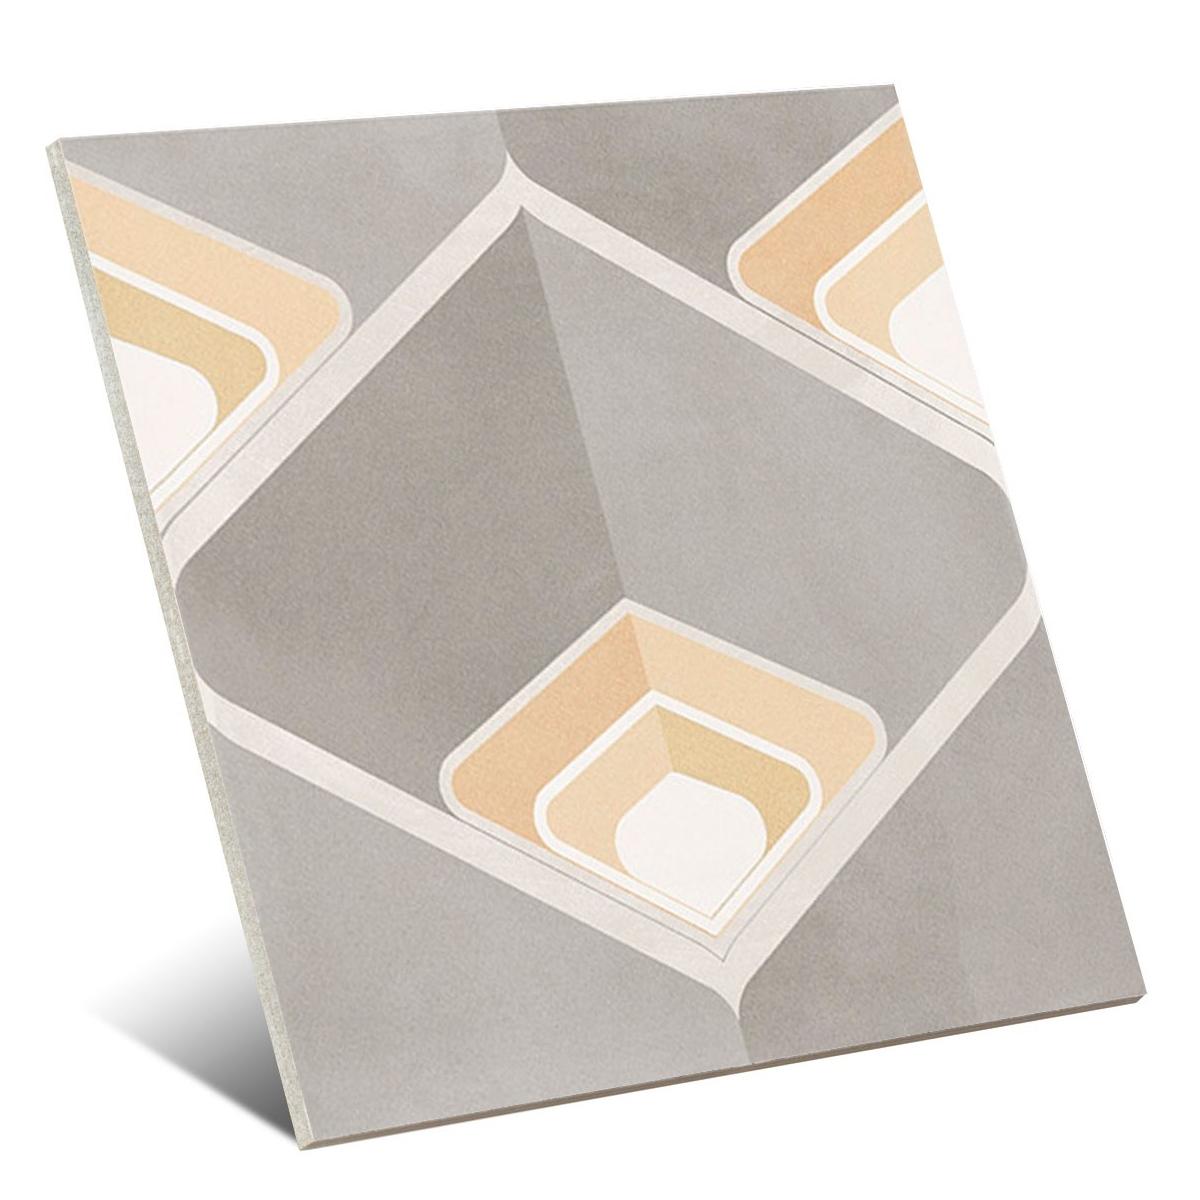 Bonnie 15x15 (m2) - Colección Pop Tile de Vives - Marca Vives